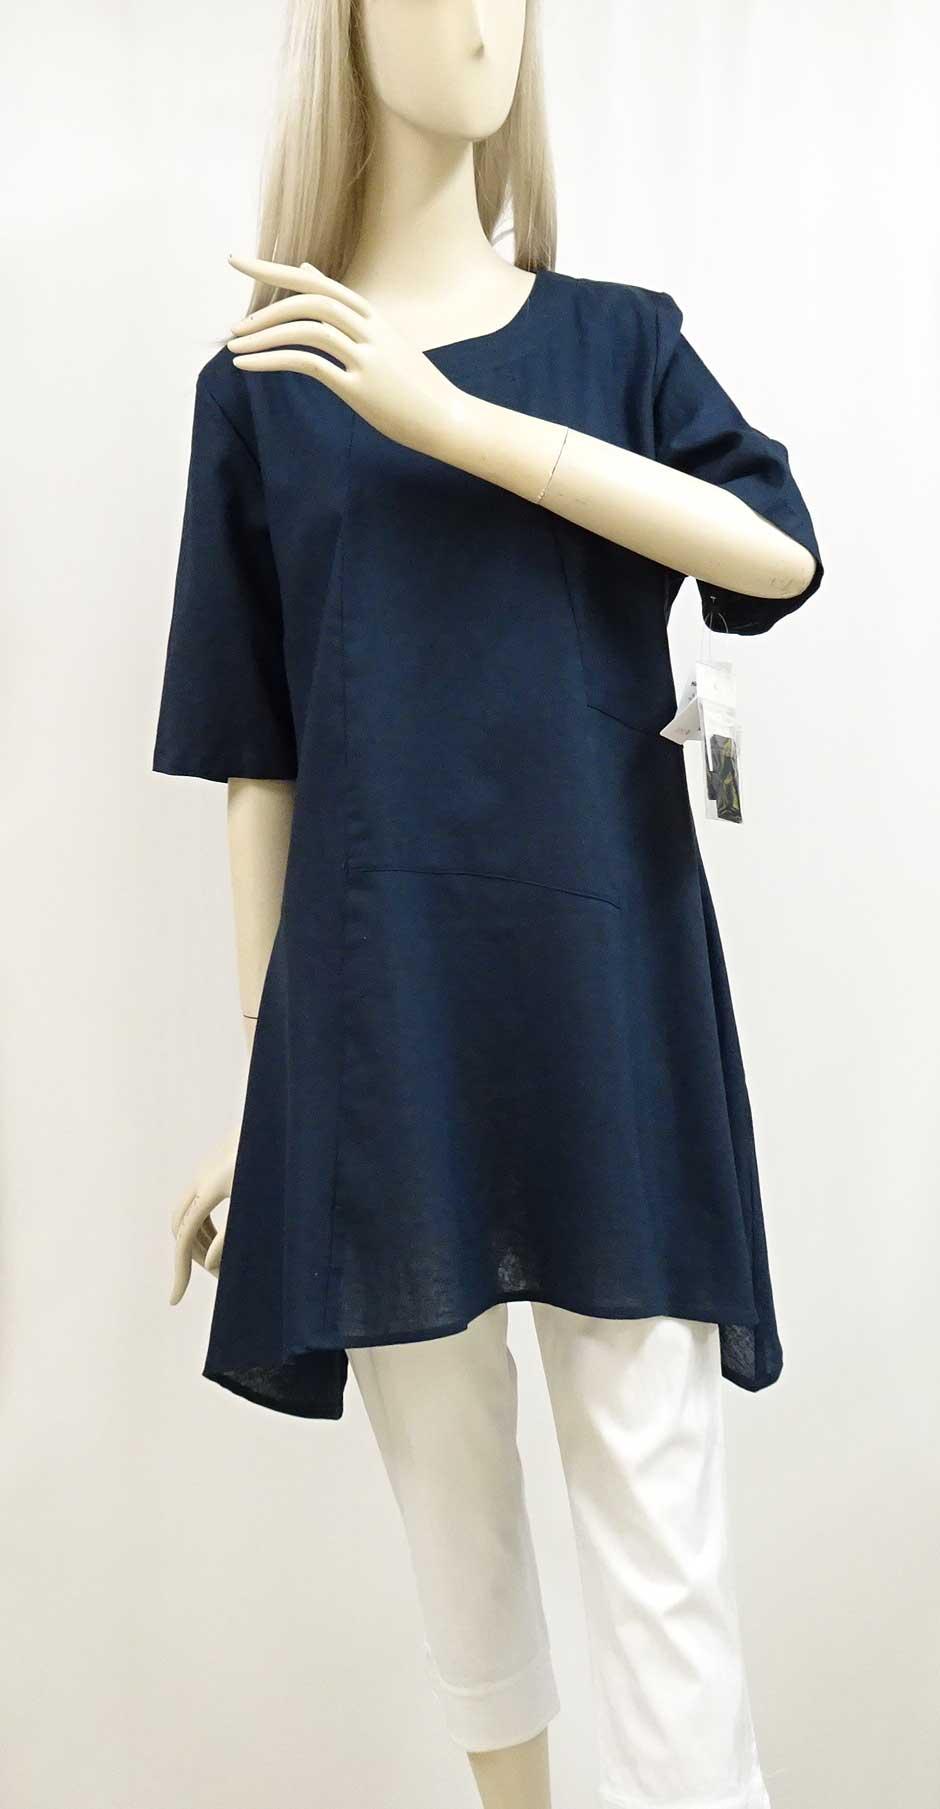 綿と麻の生地を使用した紺のAラインワンピース